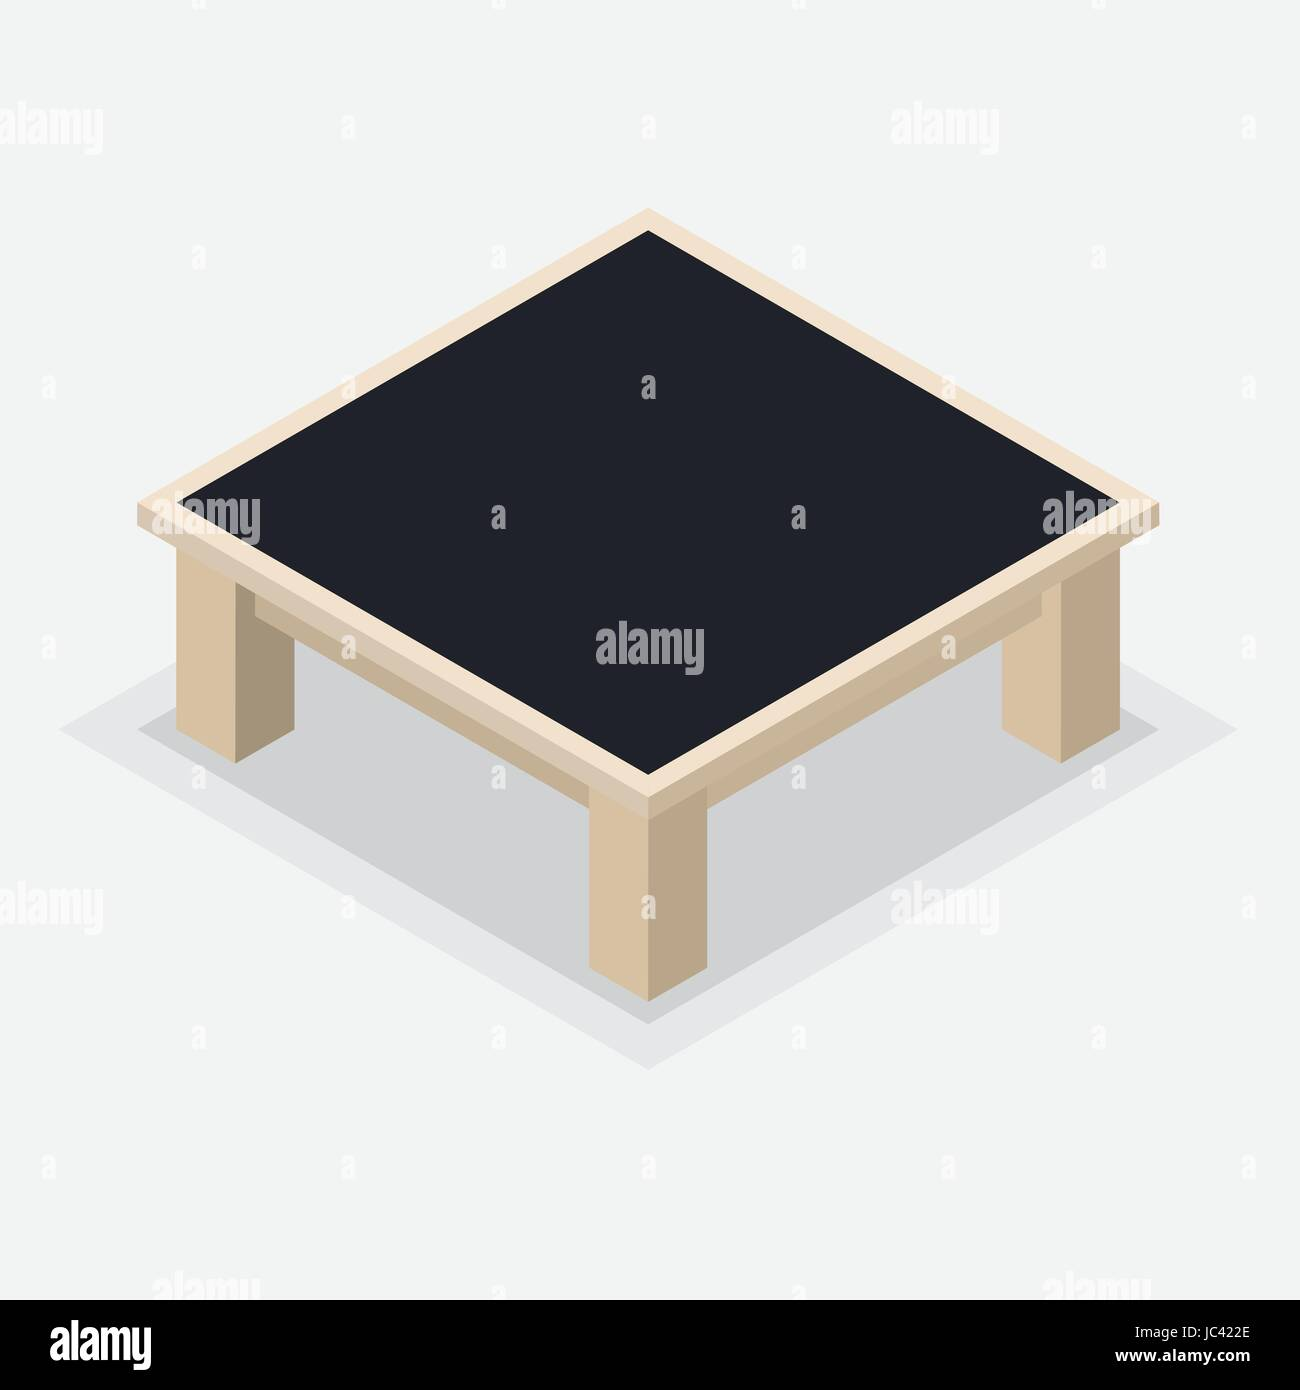 Isolato tavolo da caffè in legno. Tavolo quadrato e gambe corte isometrica stile su sfondo bianco - illustrazione vettoriale. Illustrazione Vettoriale